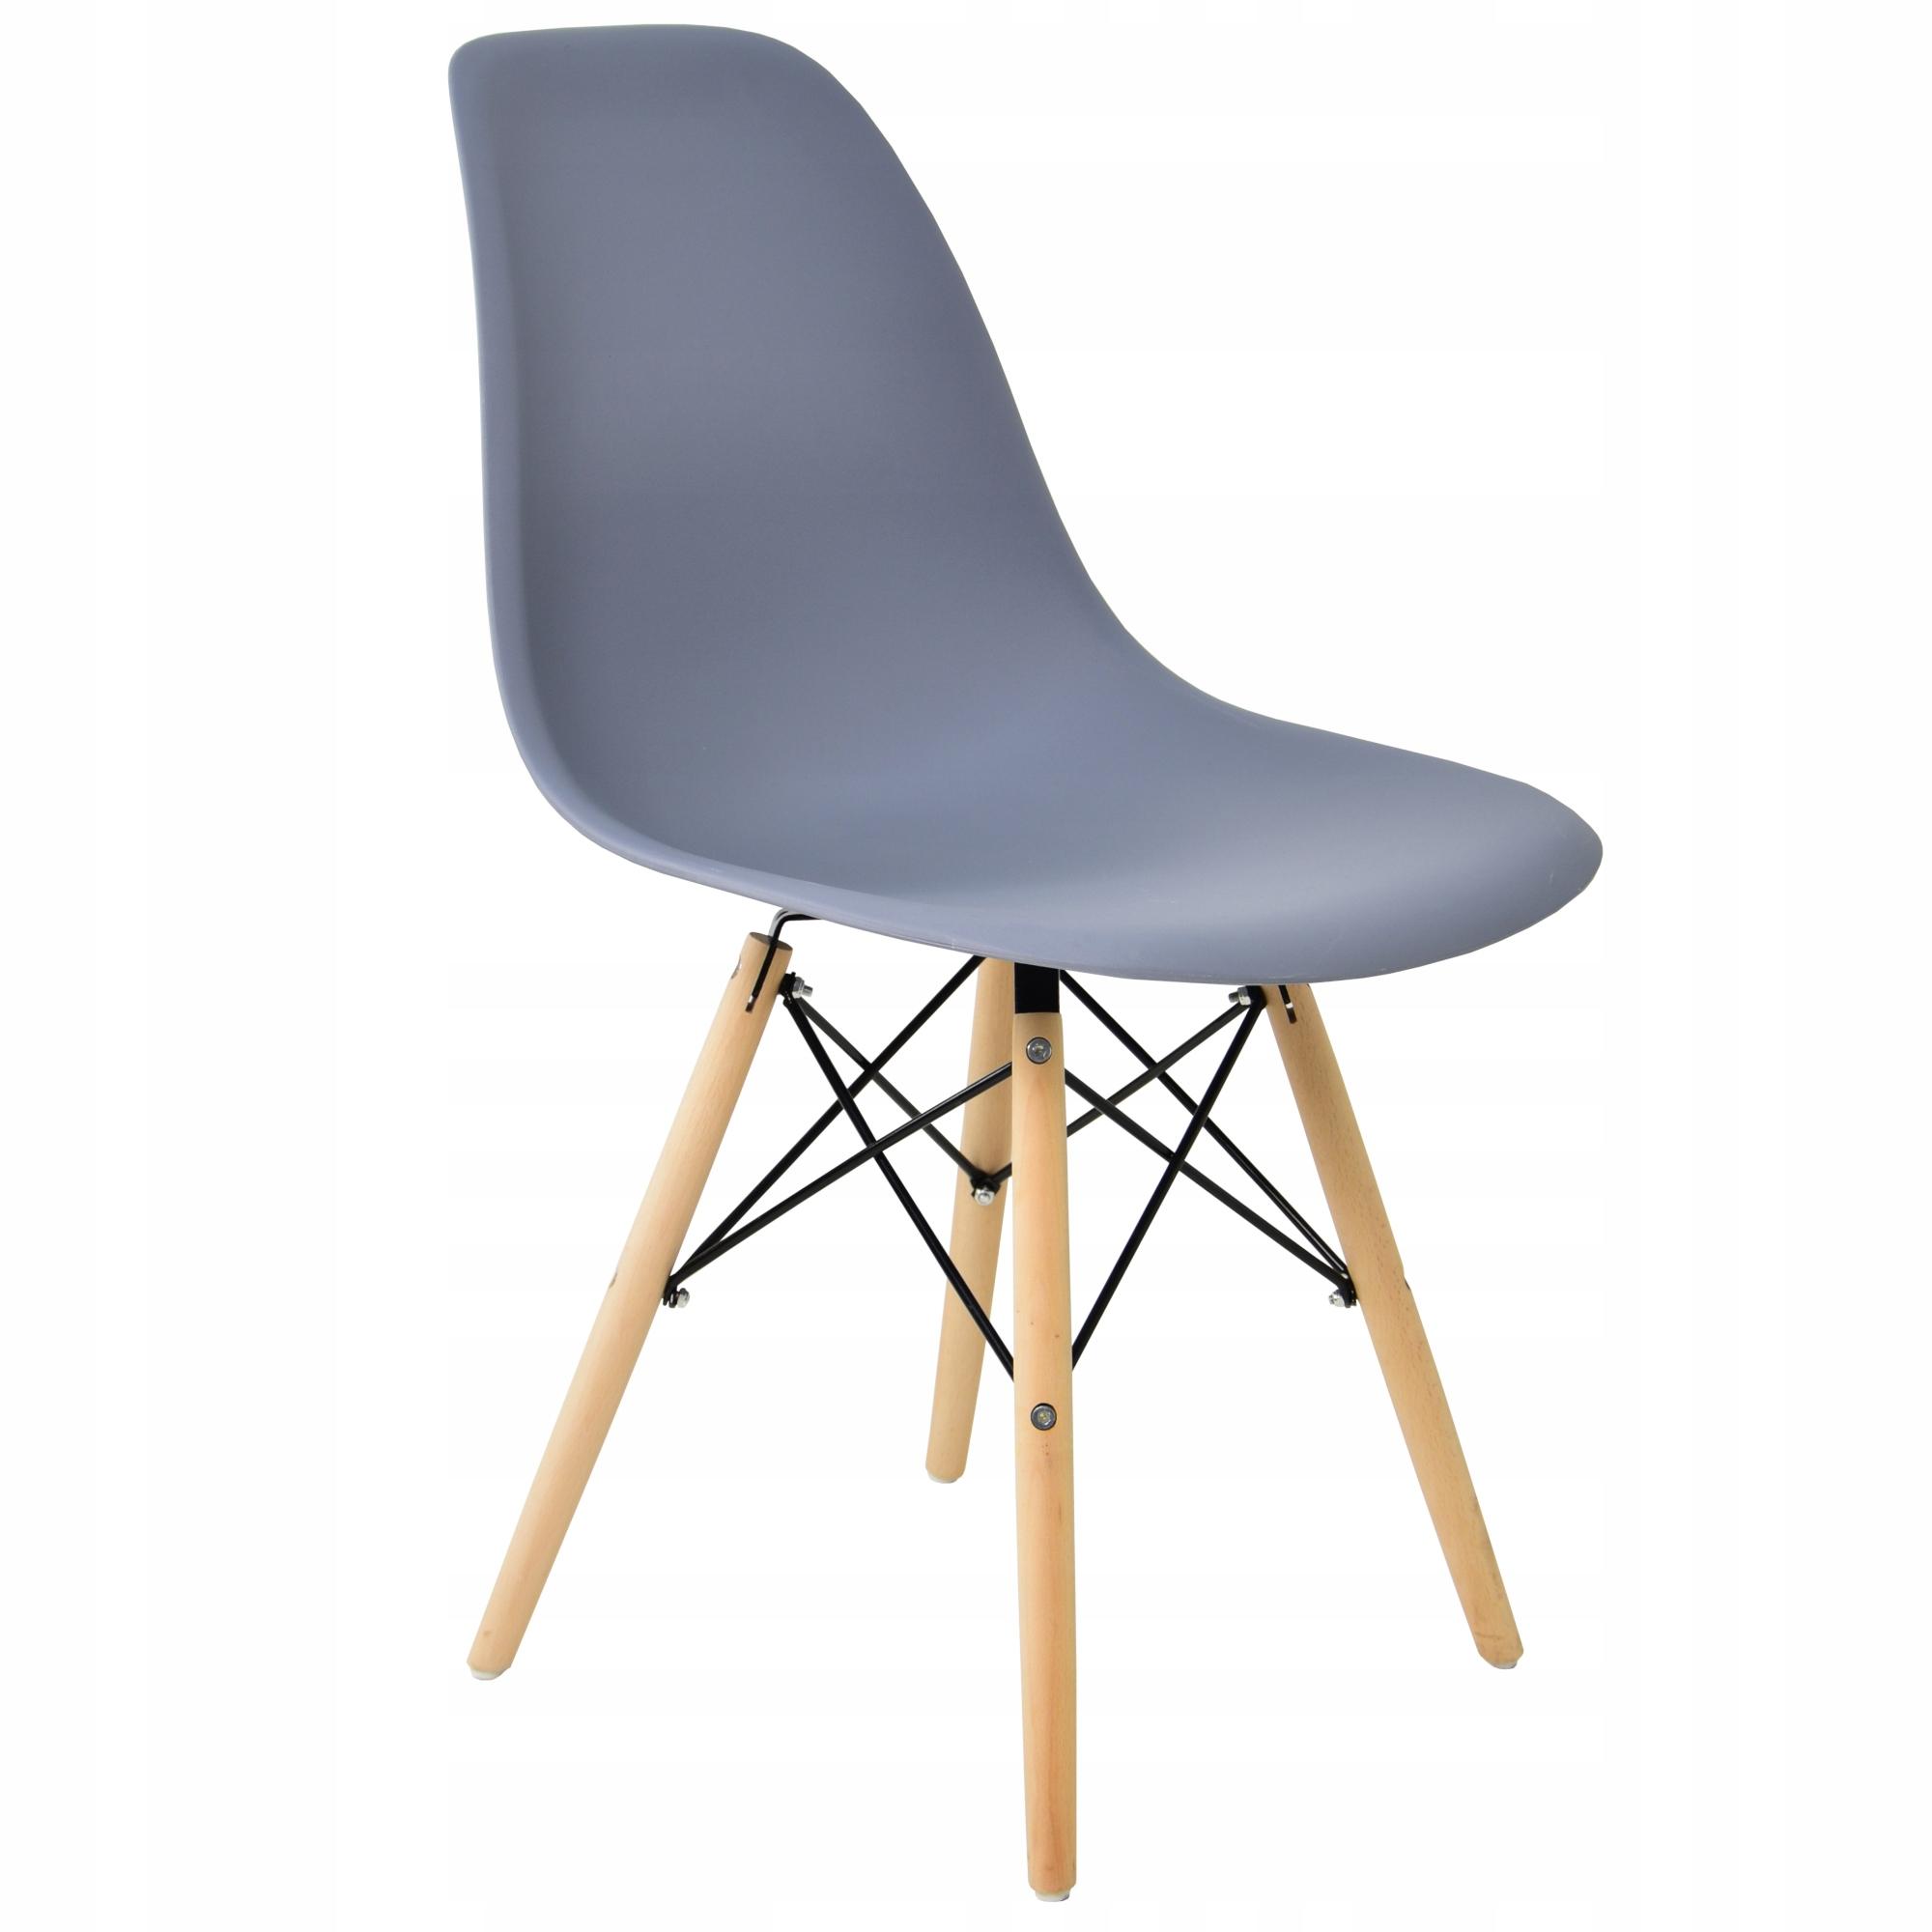 Komplet 6x krzesło SL krzesła skandynawskie SZARE